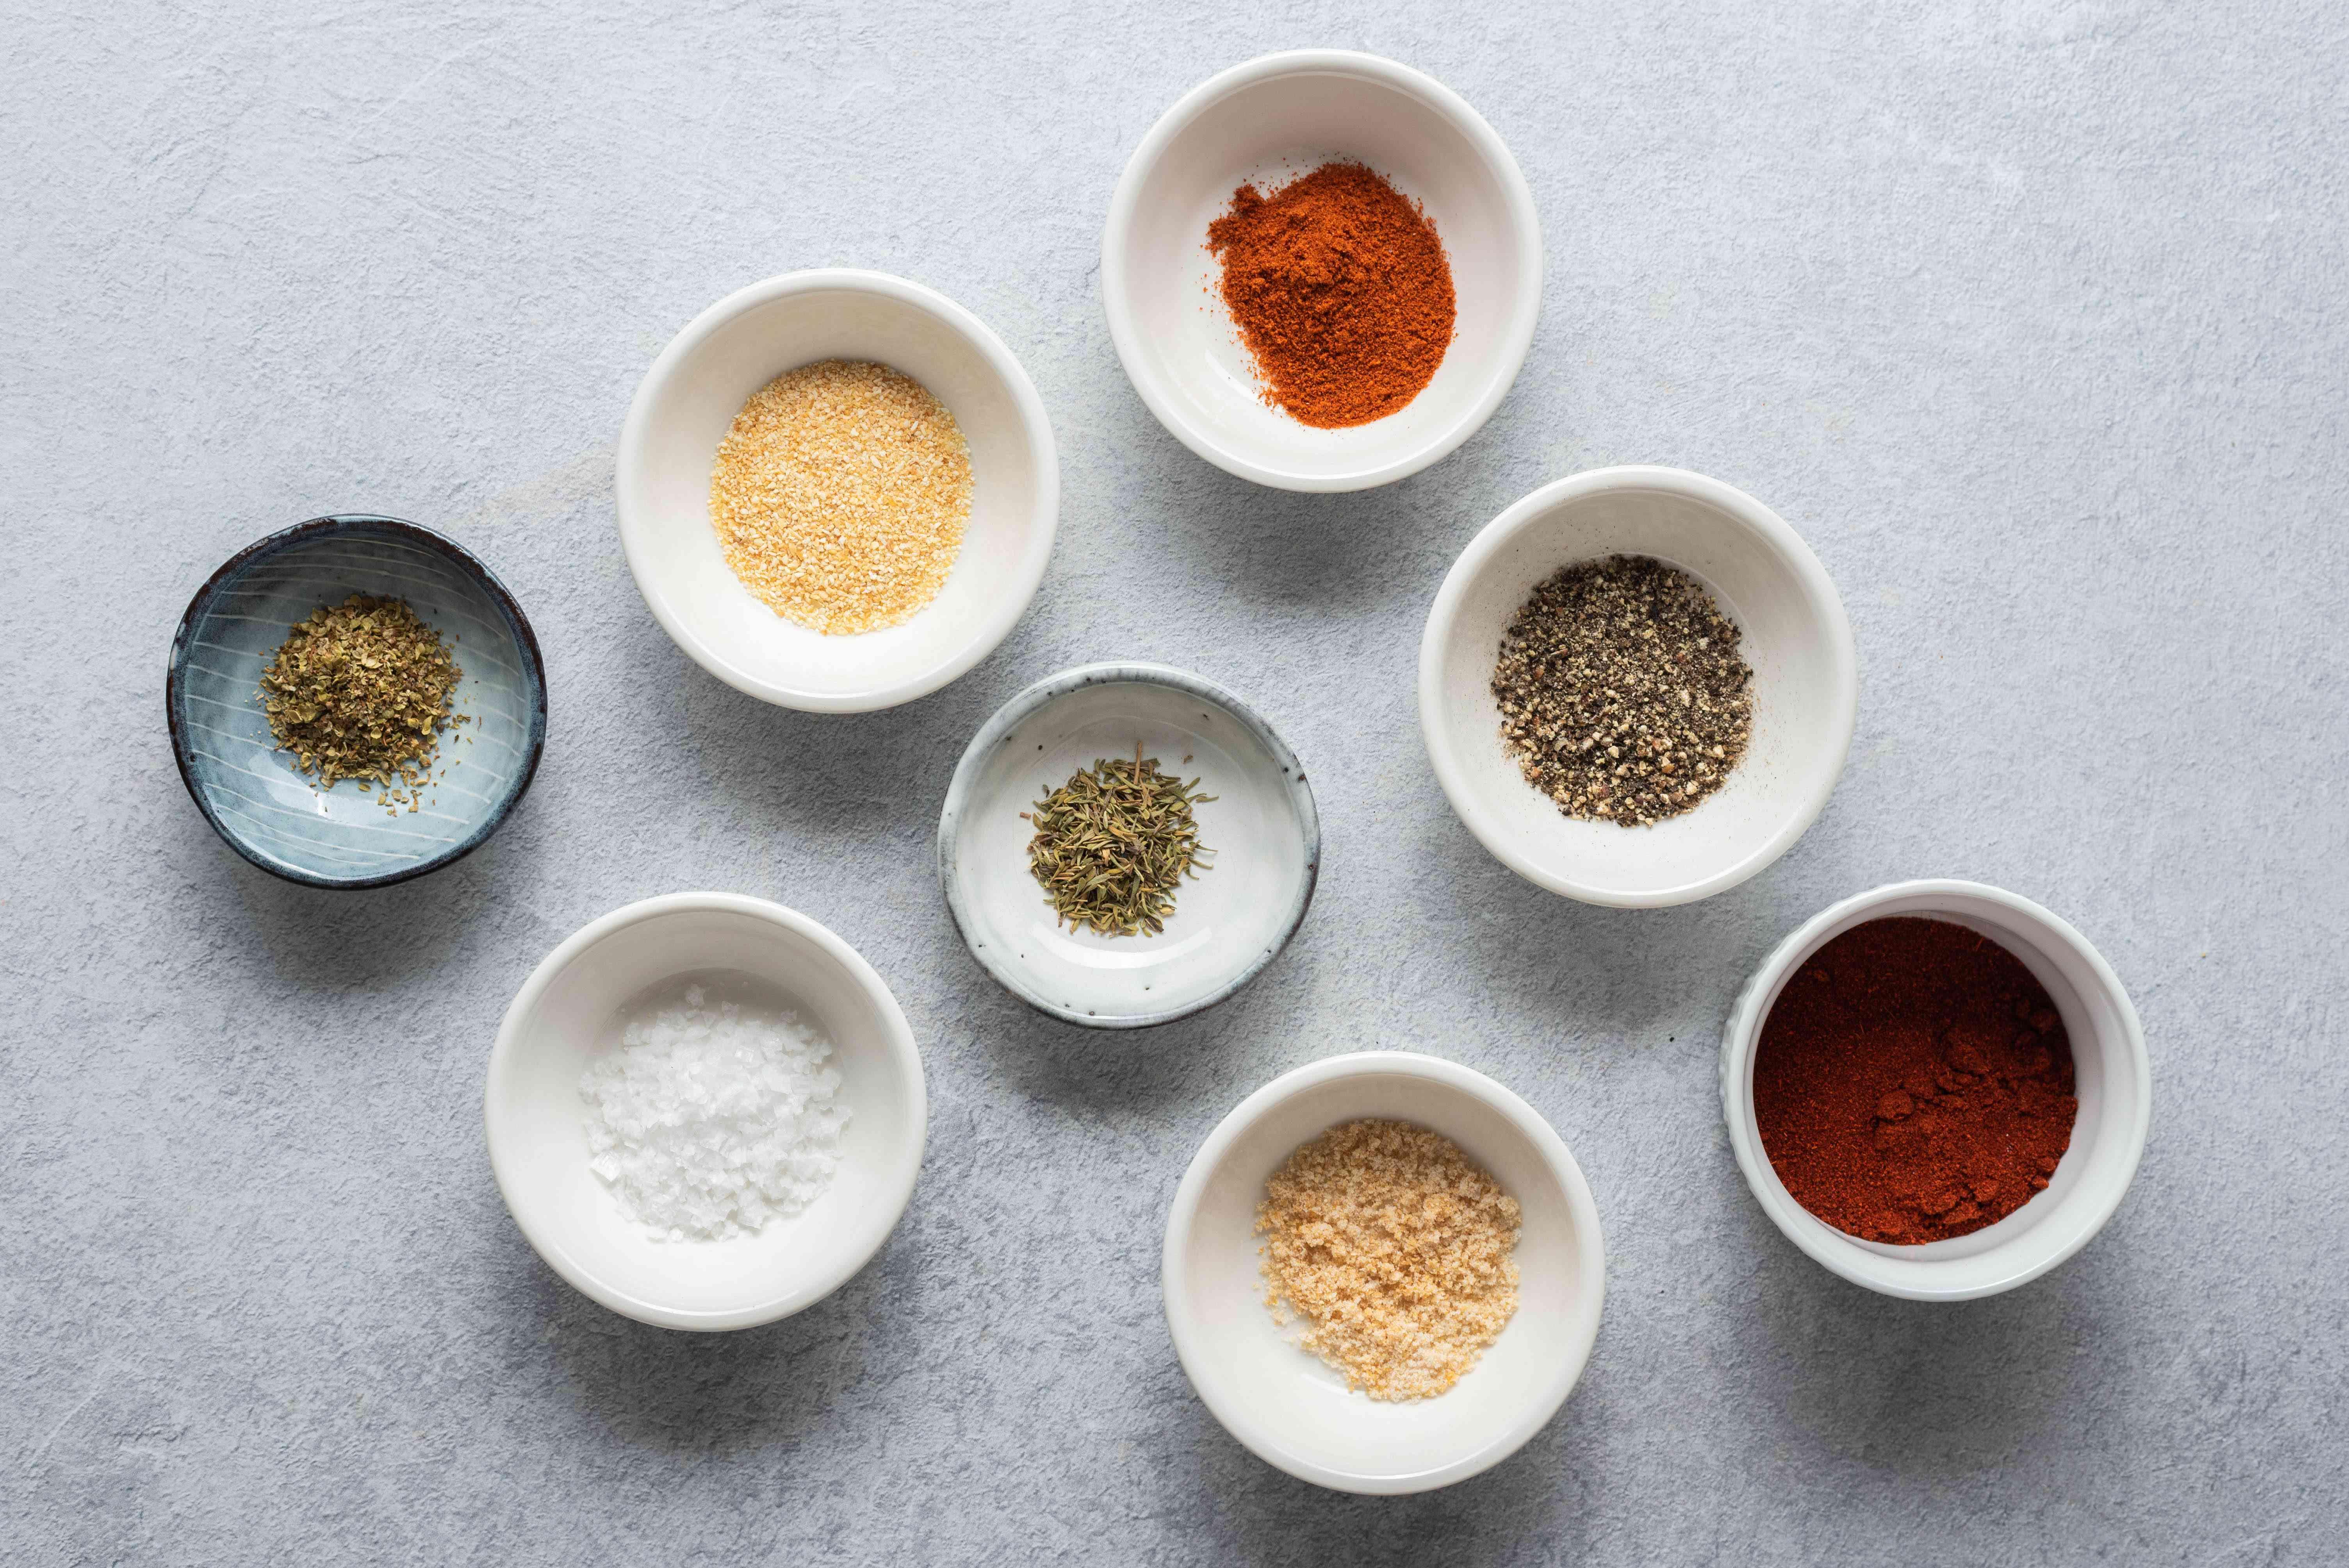 Glackened seasoning ingredients